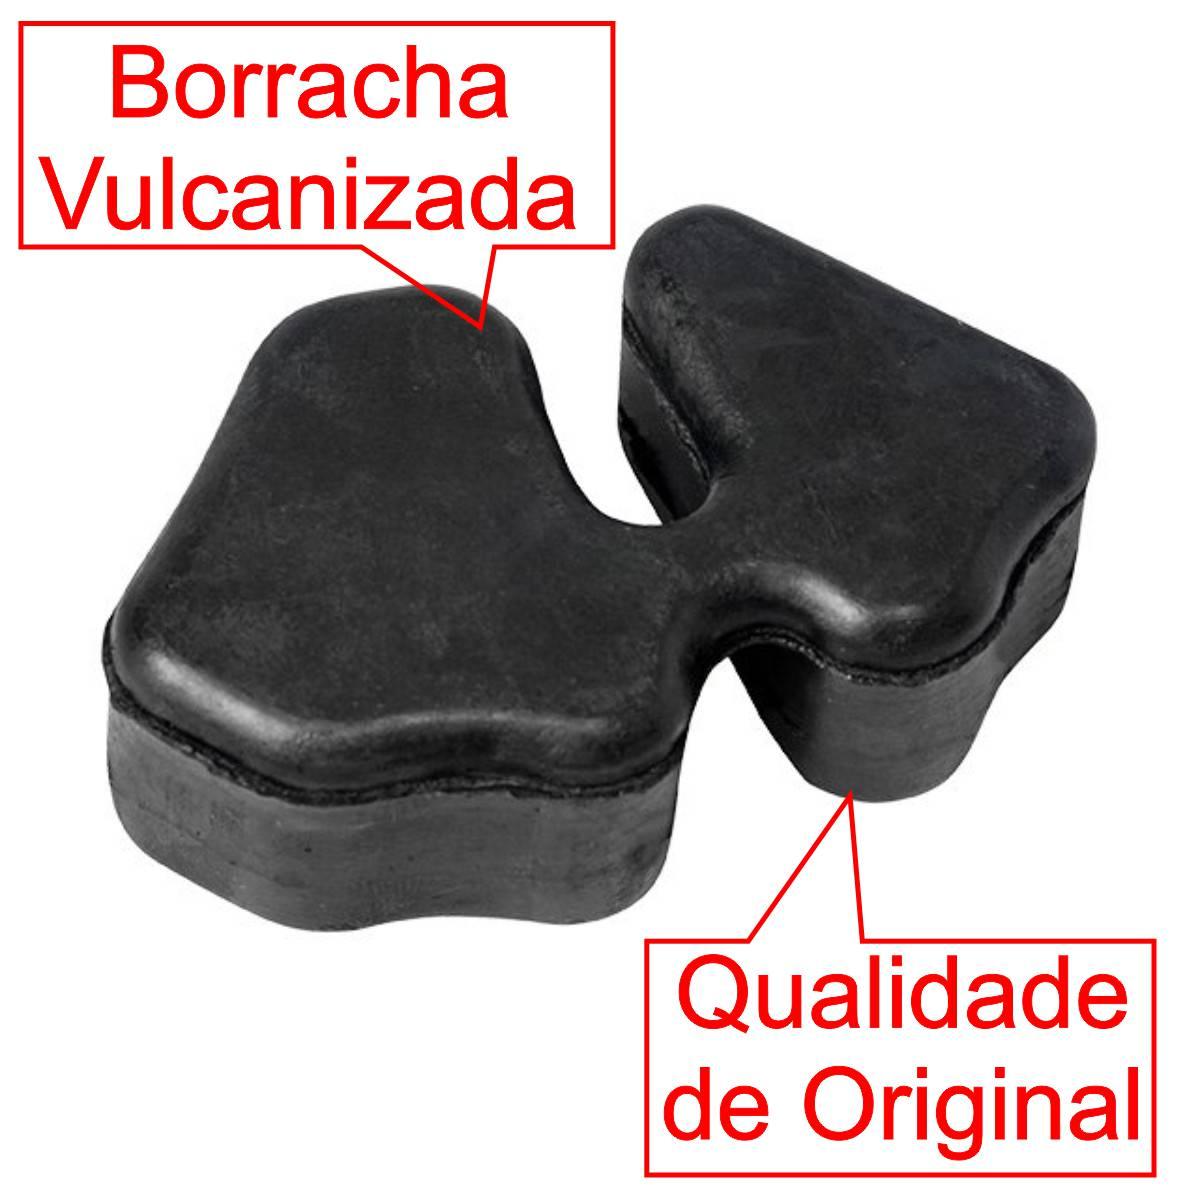 BUCHA DA COROA COXIM BRANDY CUBO TRASEIRO BORRACHA RODA MOTO HONDA CBX 250 TWISTER CB 300 R CB 250F